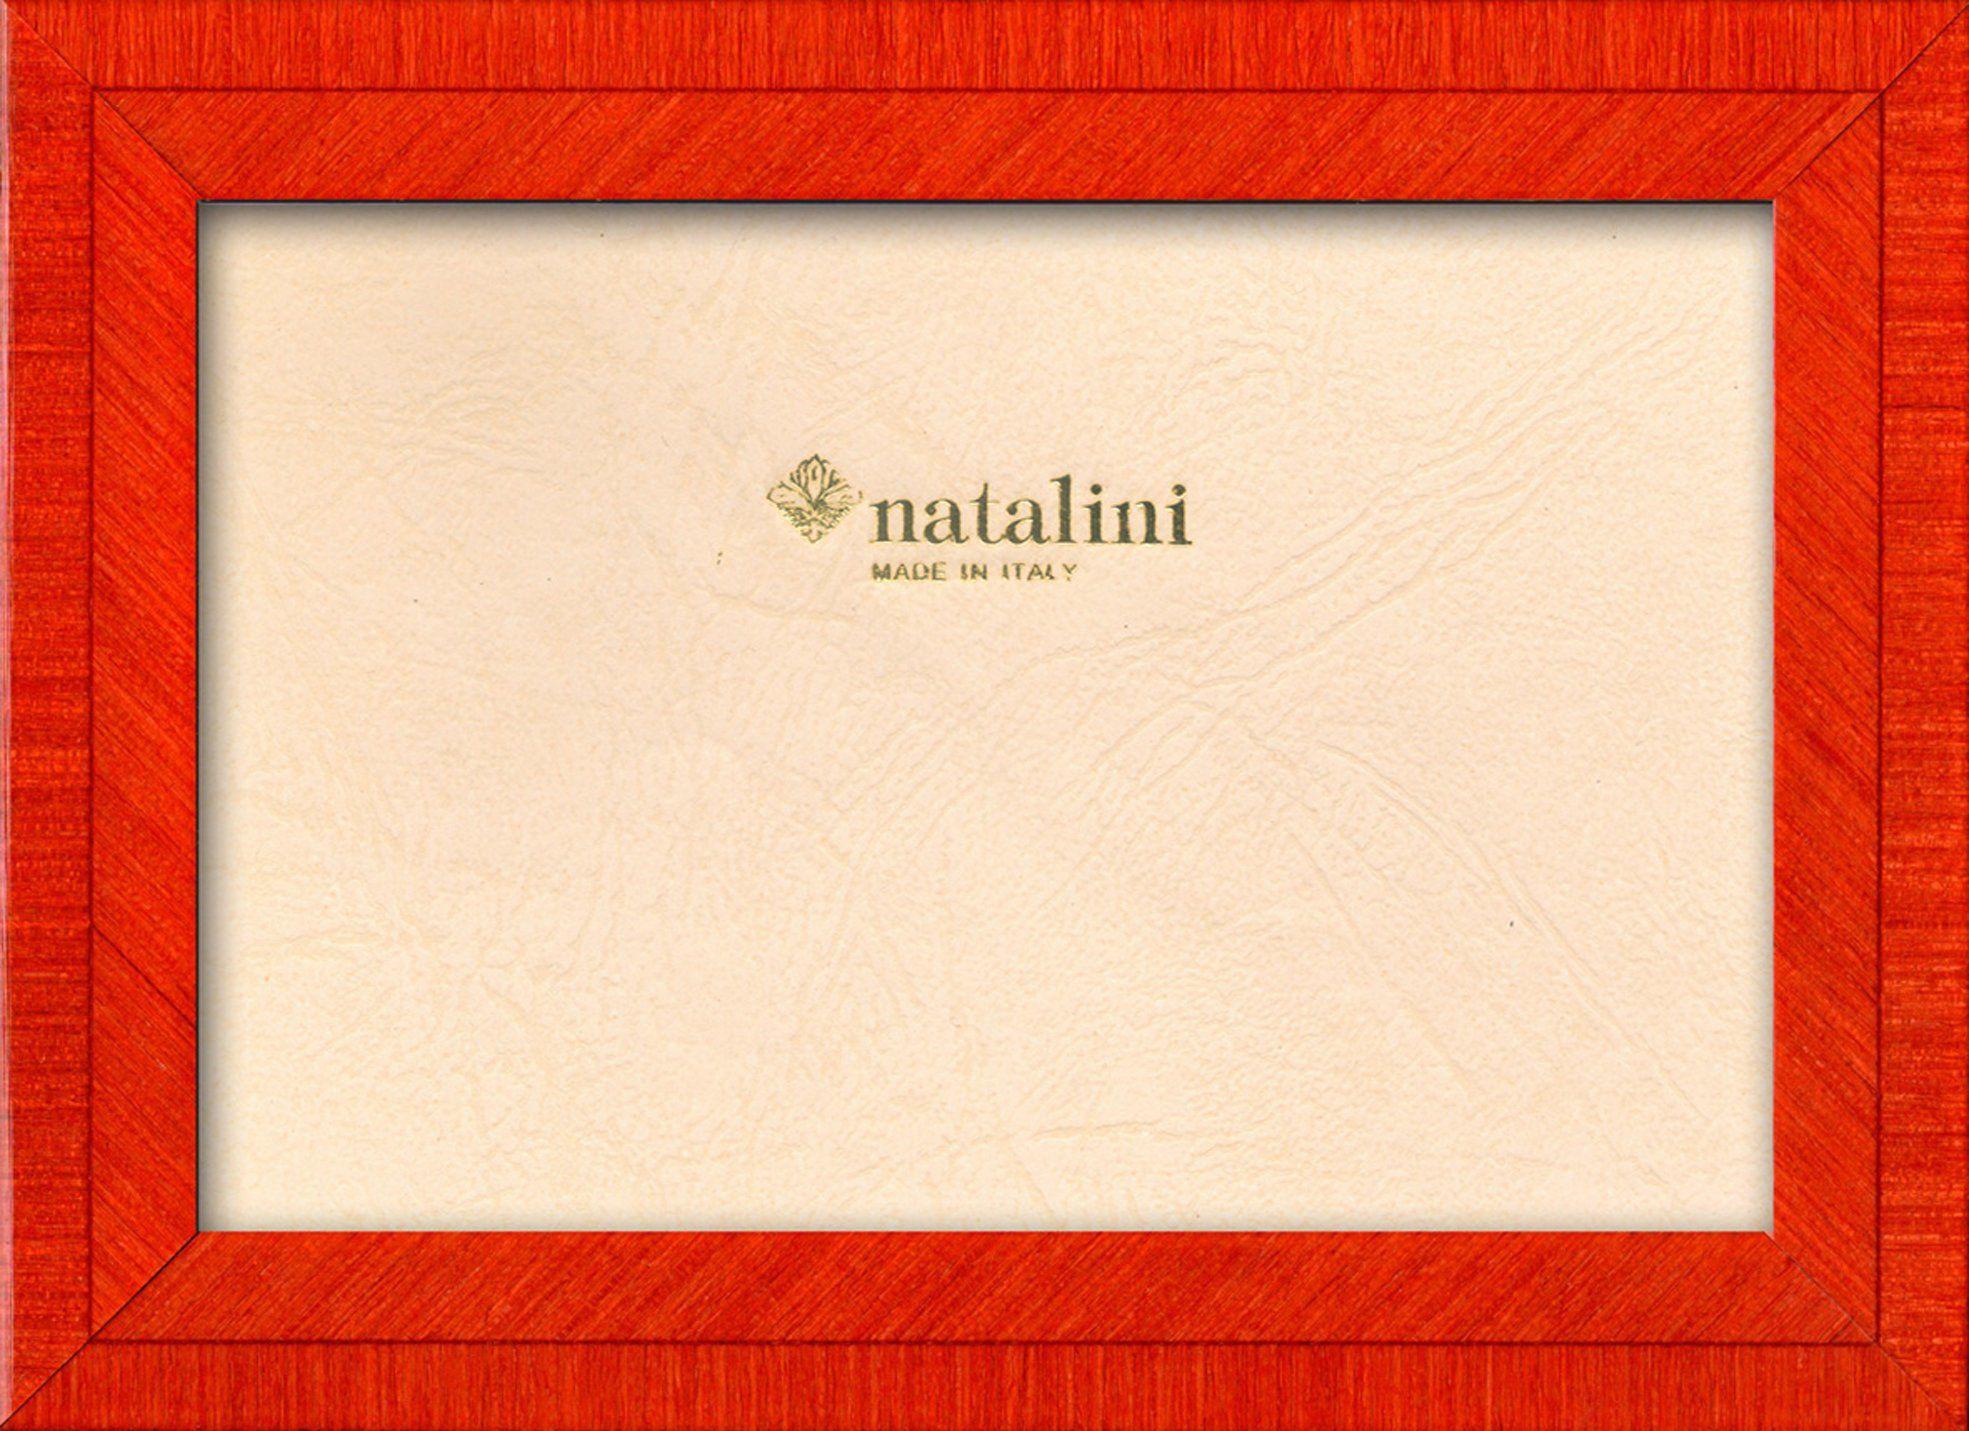 Natalini Marquetry ramka na zdjęcia wykonana we Włoszech, tulipan, pomarańczowa, 10 cm x 15 cm